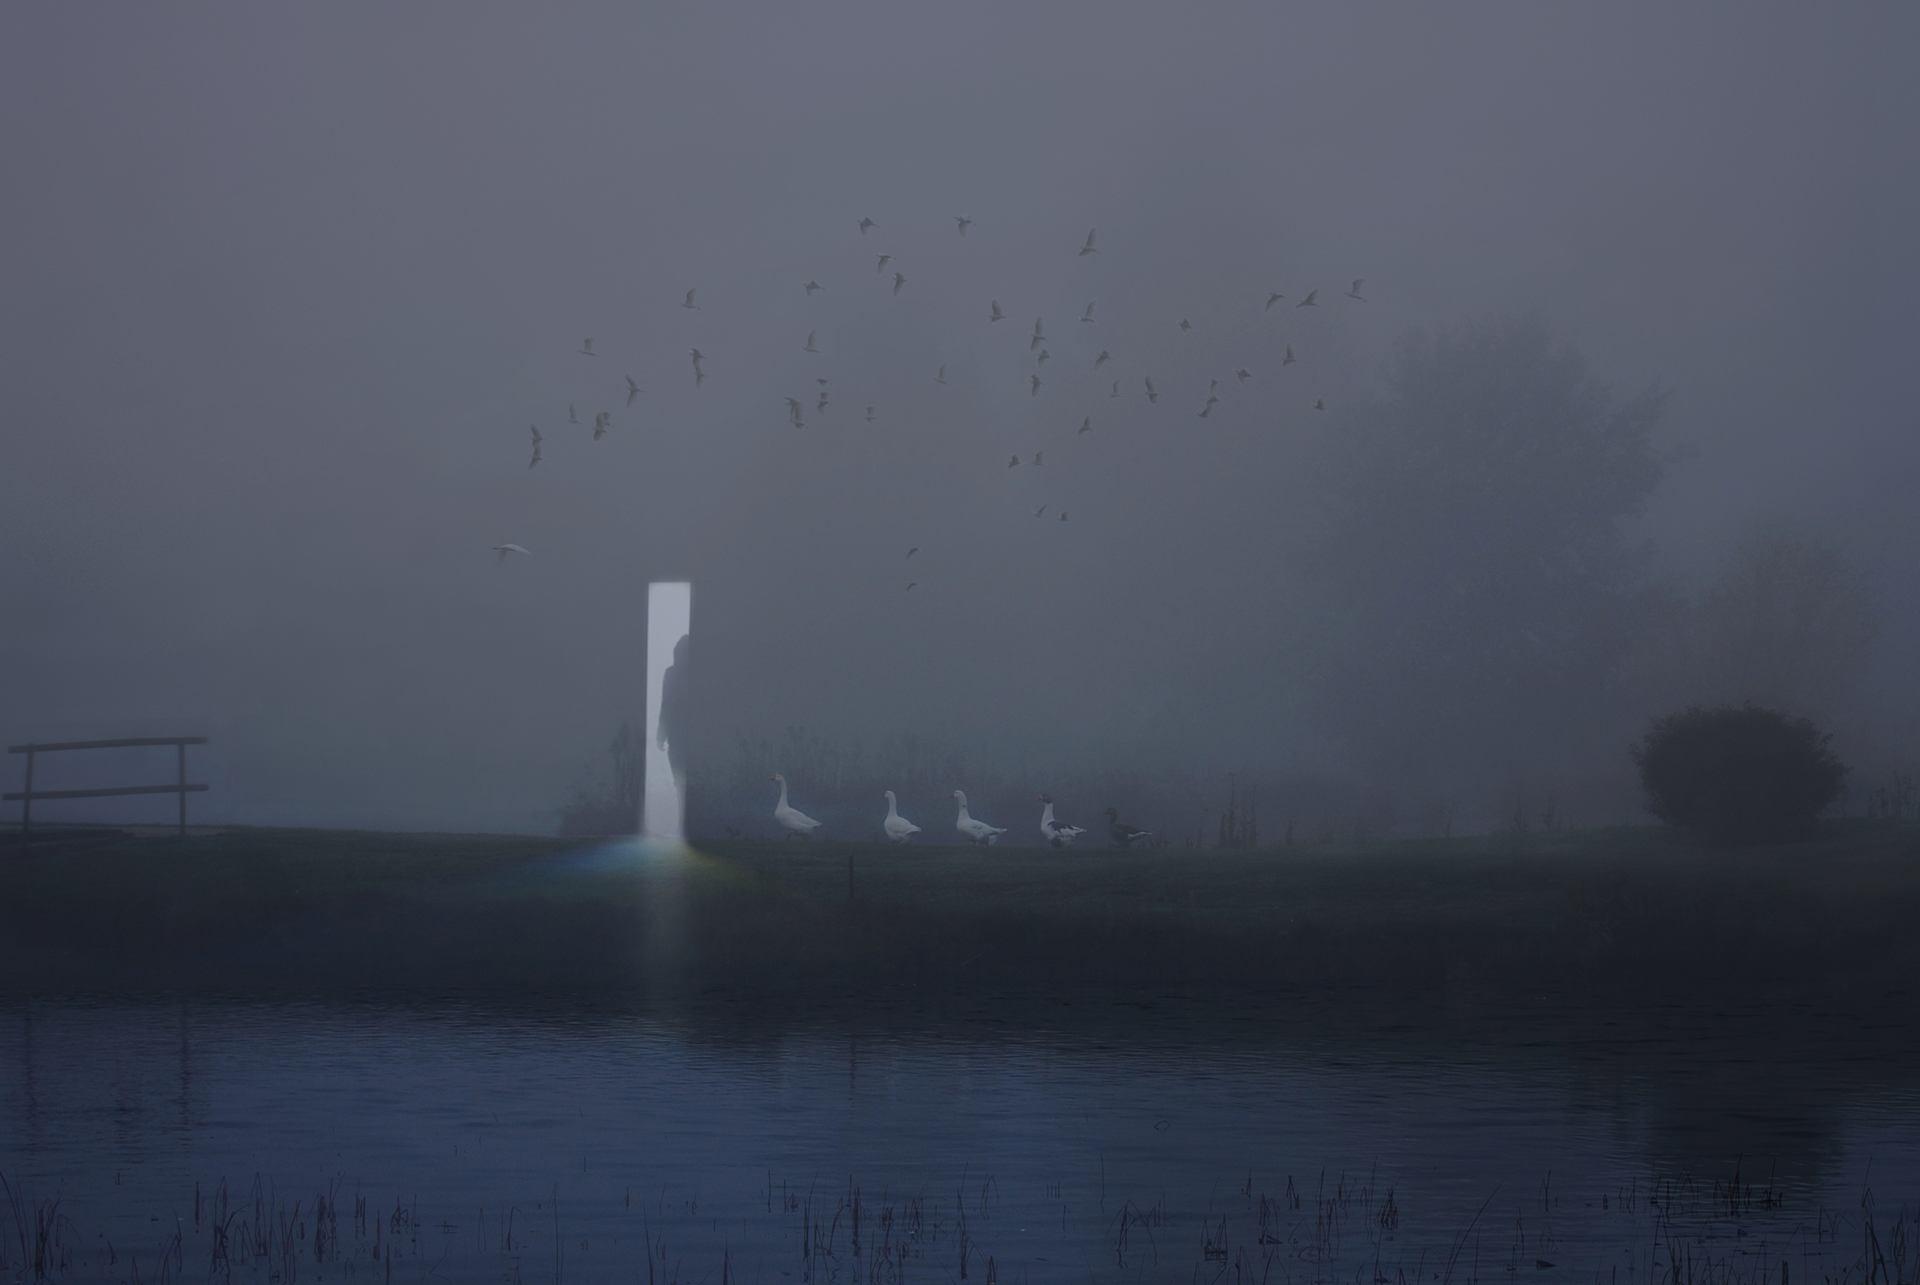 Le lac fantôme#10